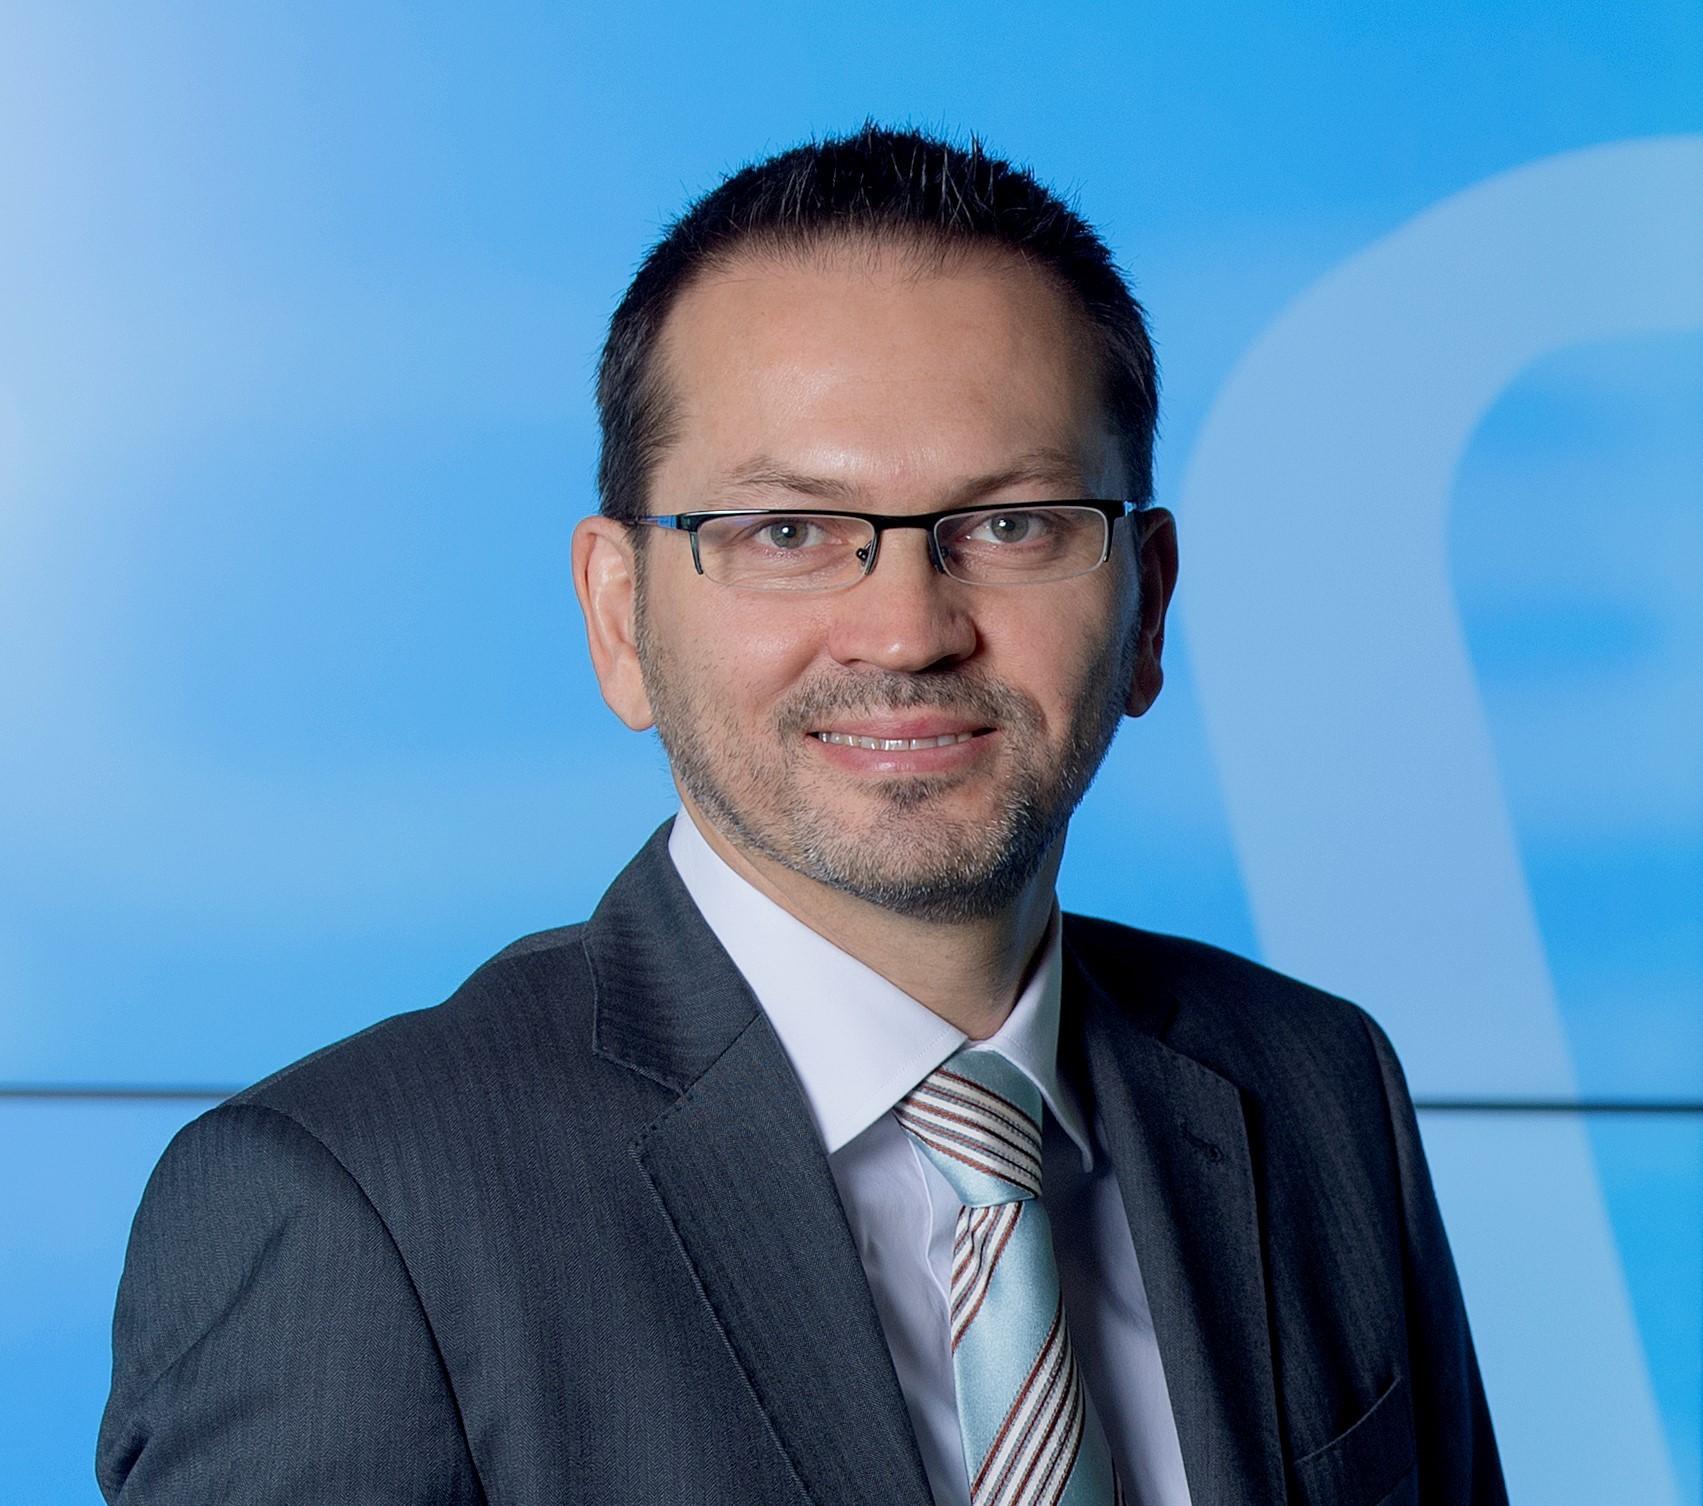 Branislav Bibic